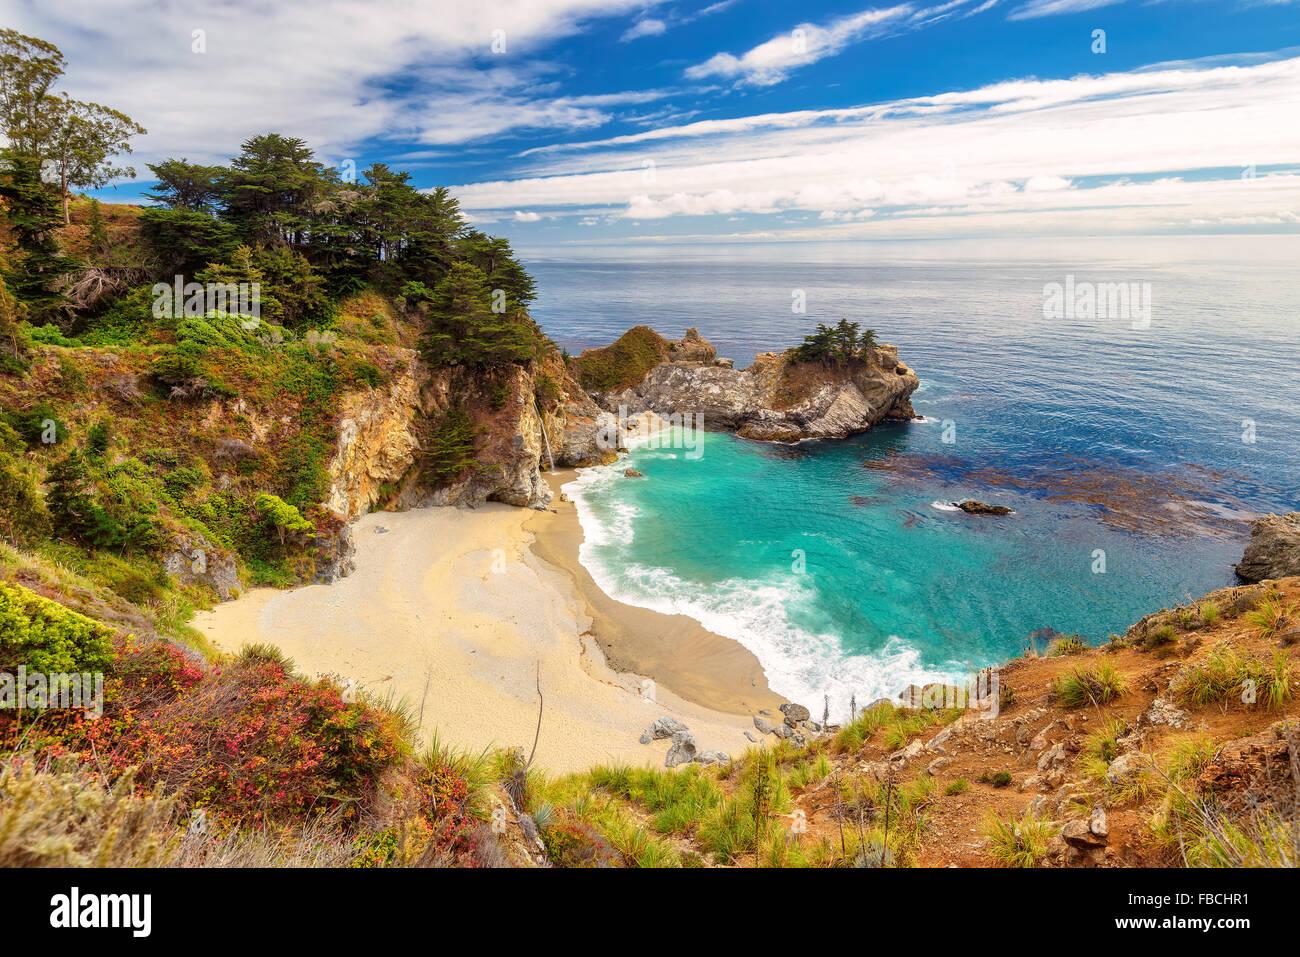 Hermosa playa y cae, California, Estados Unidos Imagen De Stock